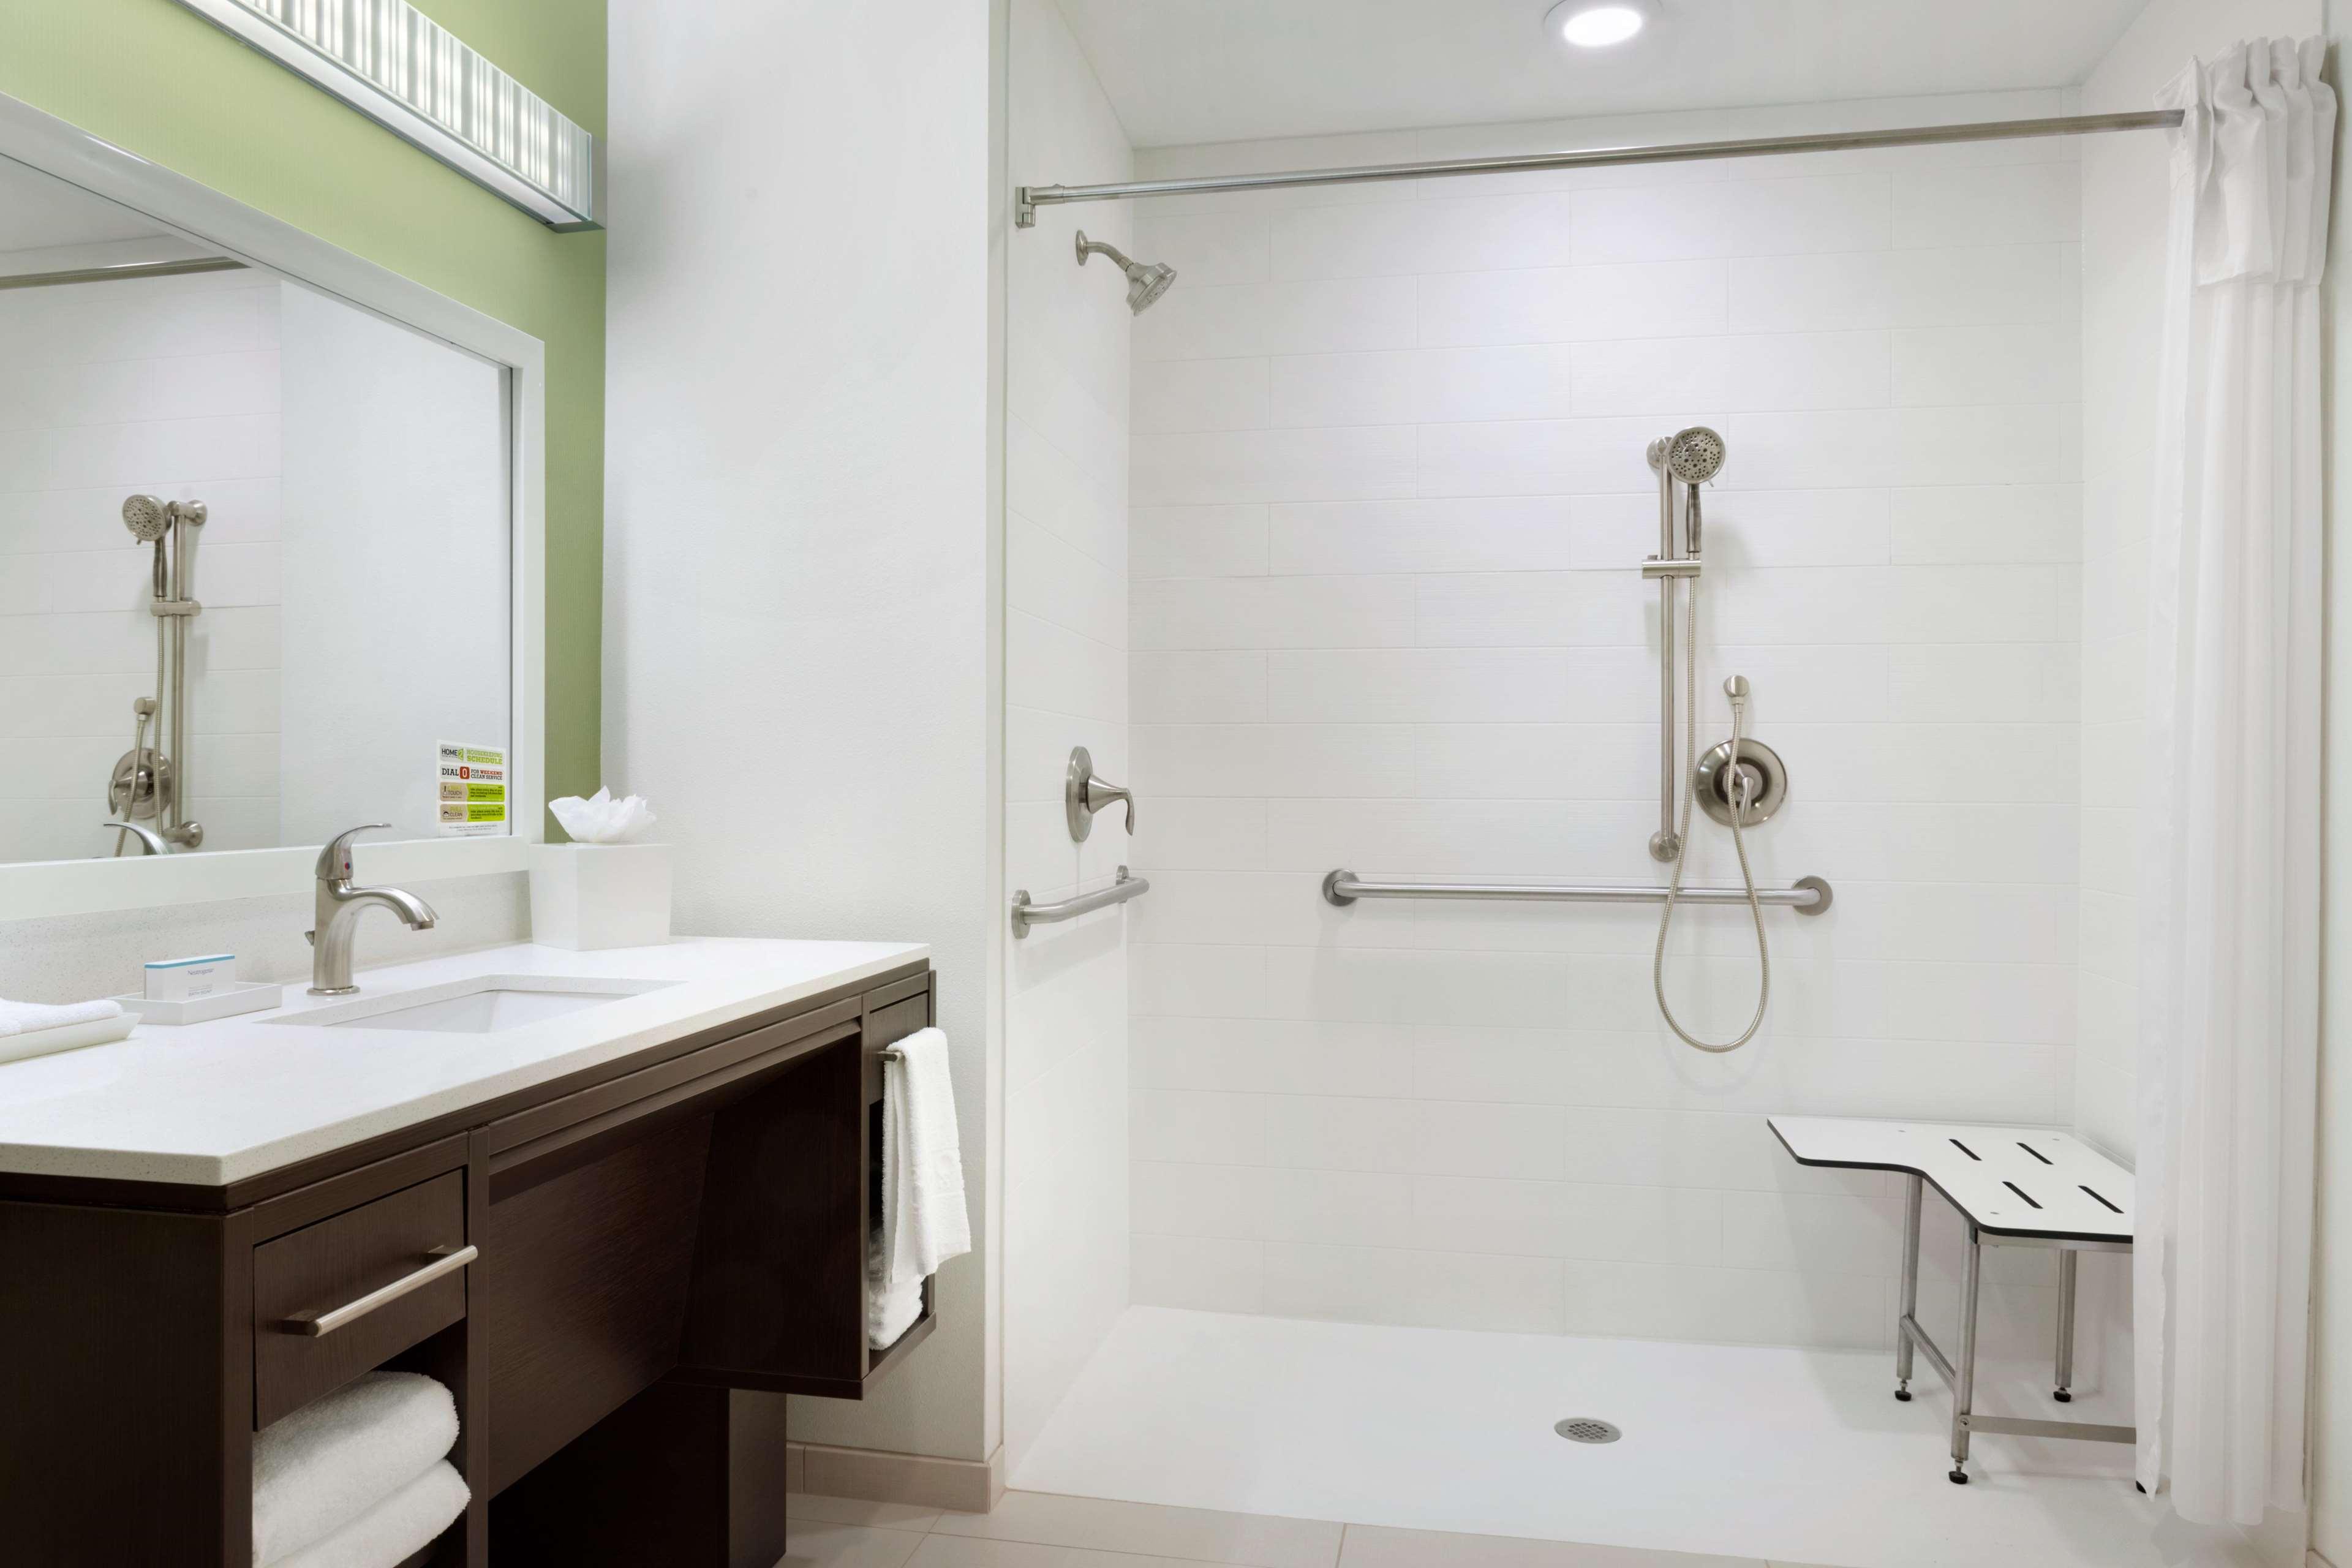 Home2 Suites by Hilton McAllen image 22